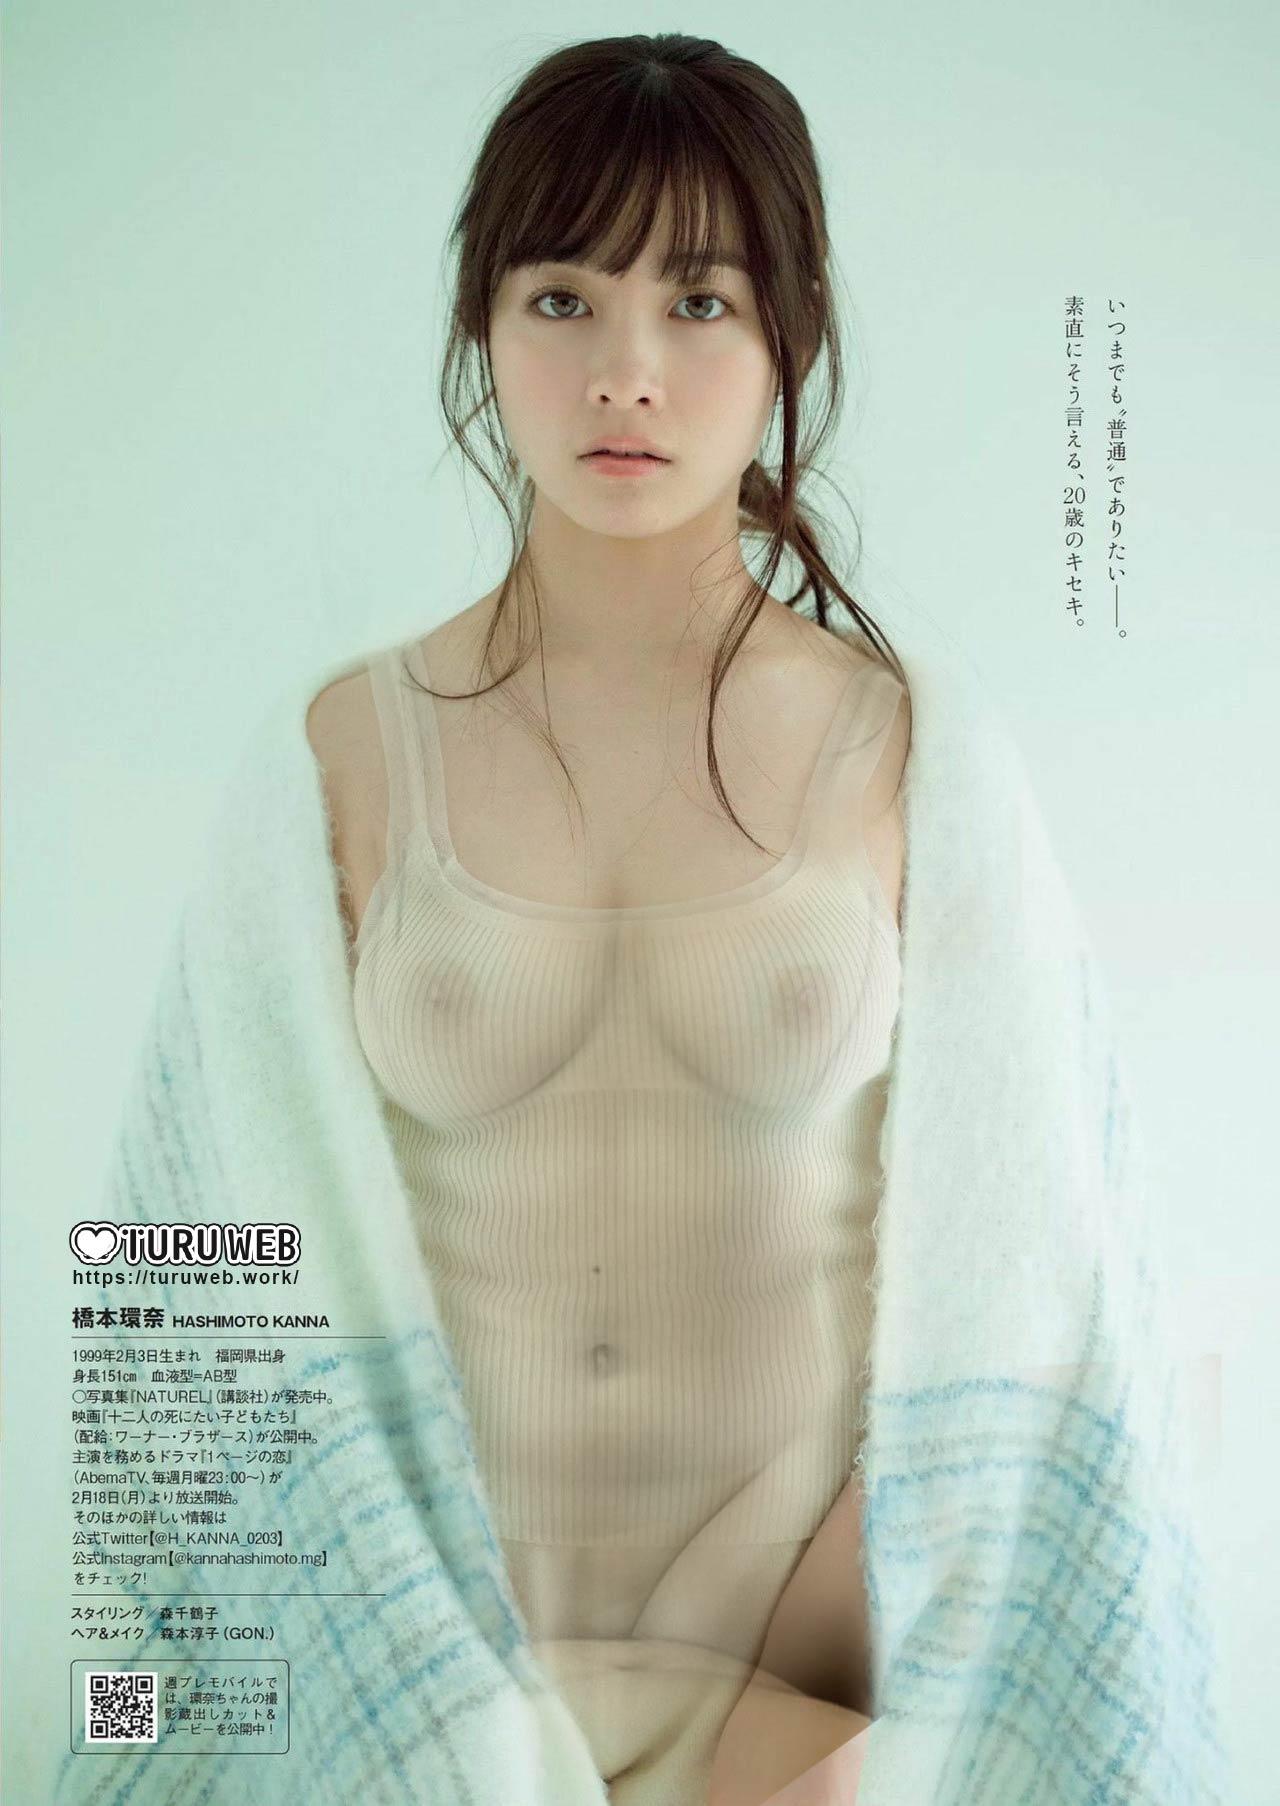 橋本環奈透おっぱいでセックスするアイコラエロ画像